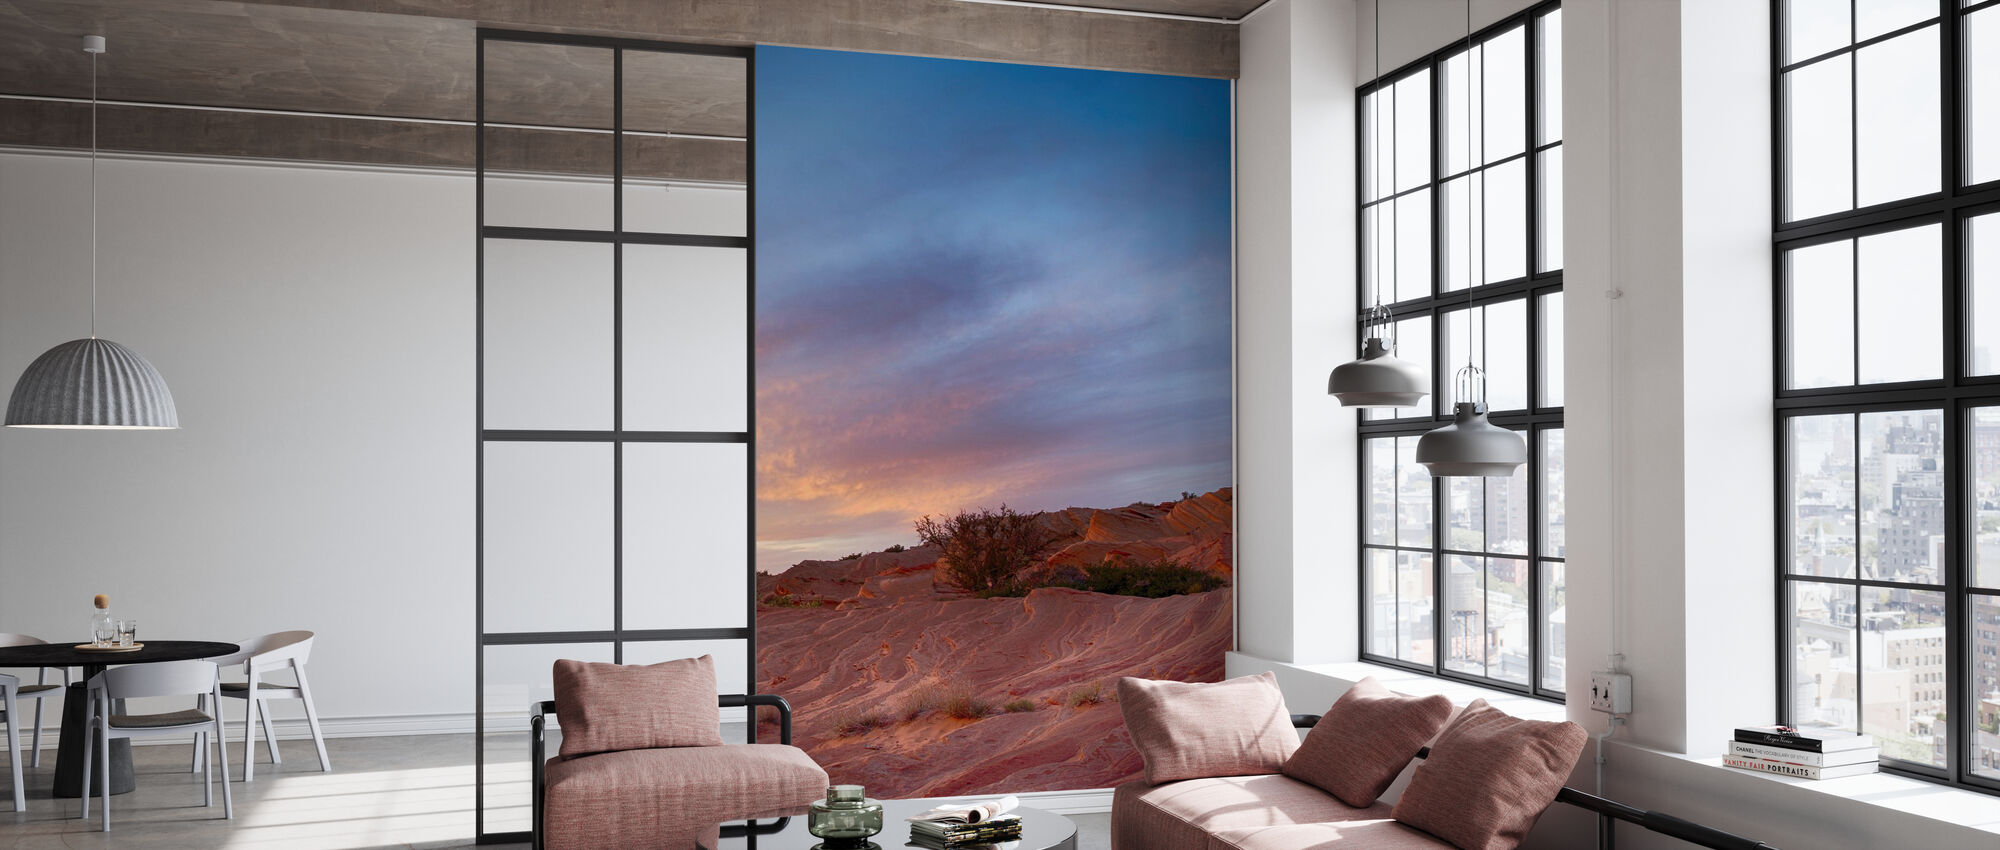 Desert Scene - Wallpaper - Office